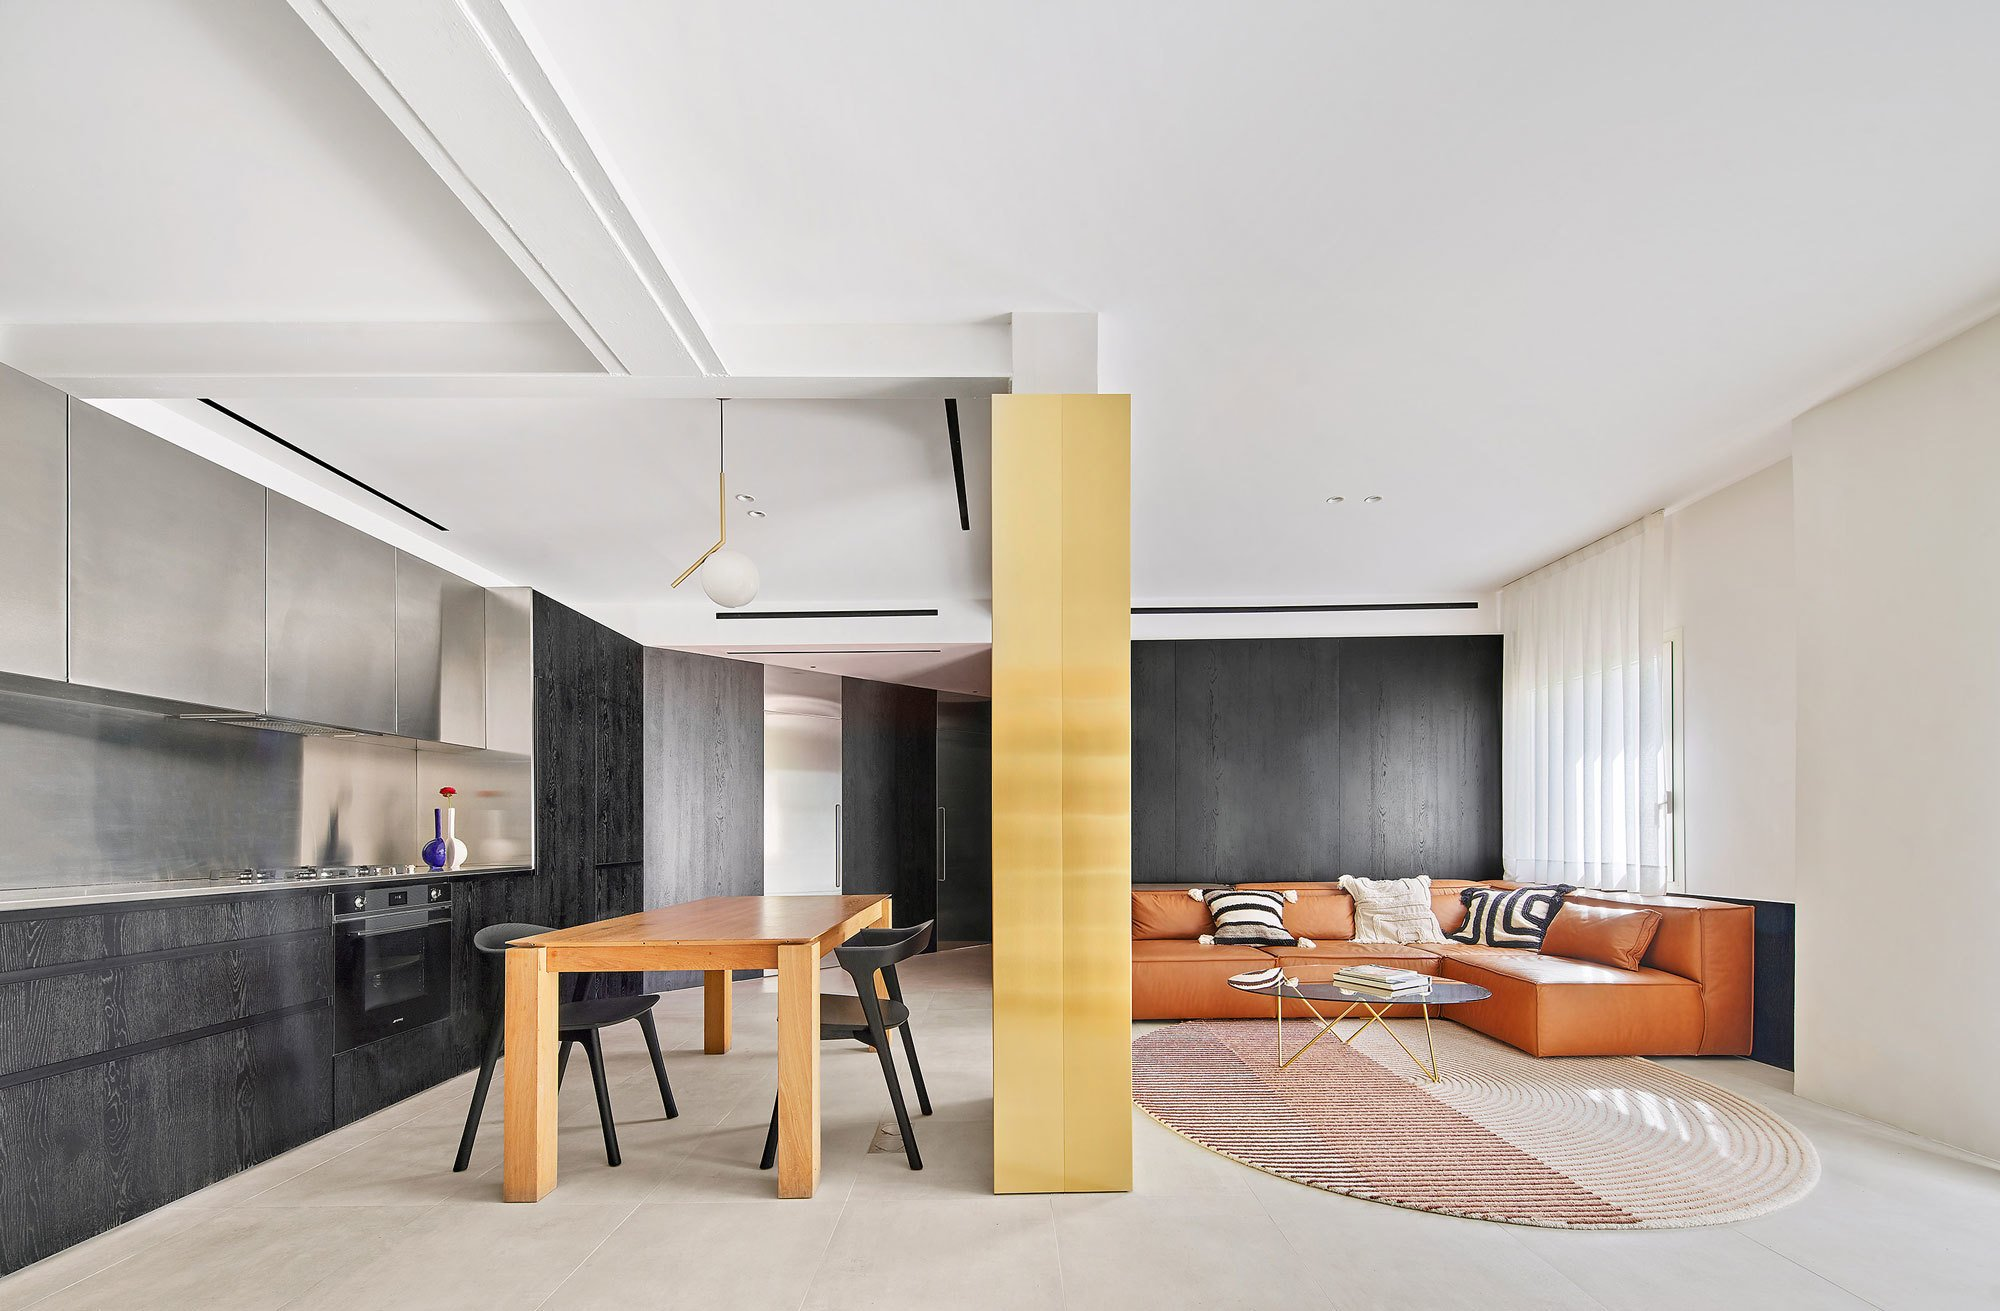 Raúl Sánchez riss die Innenwände heraus und schuf einen loftartigen Open Space mit einemZuschnitt von 6,15 Metern mal 6,15 Metern Seitenlänge.